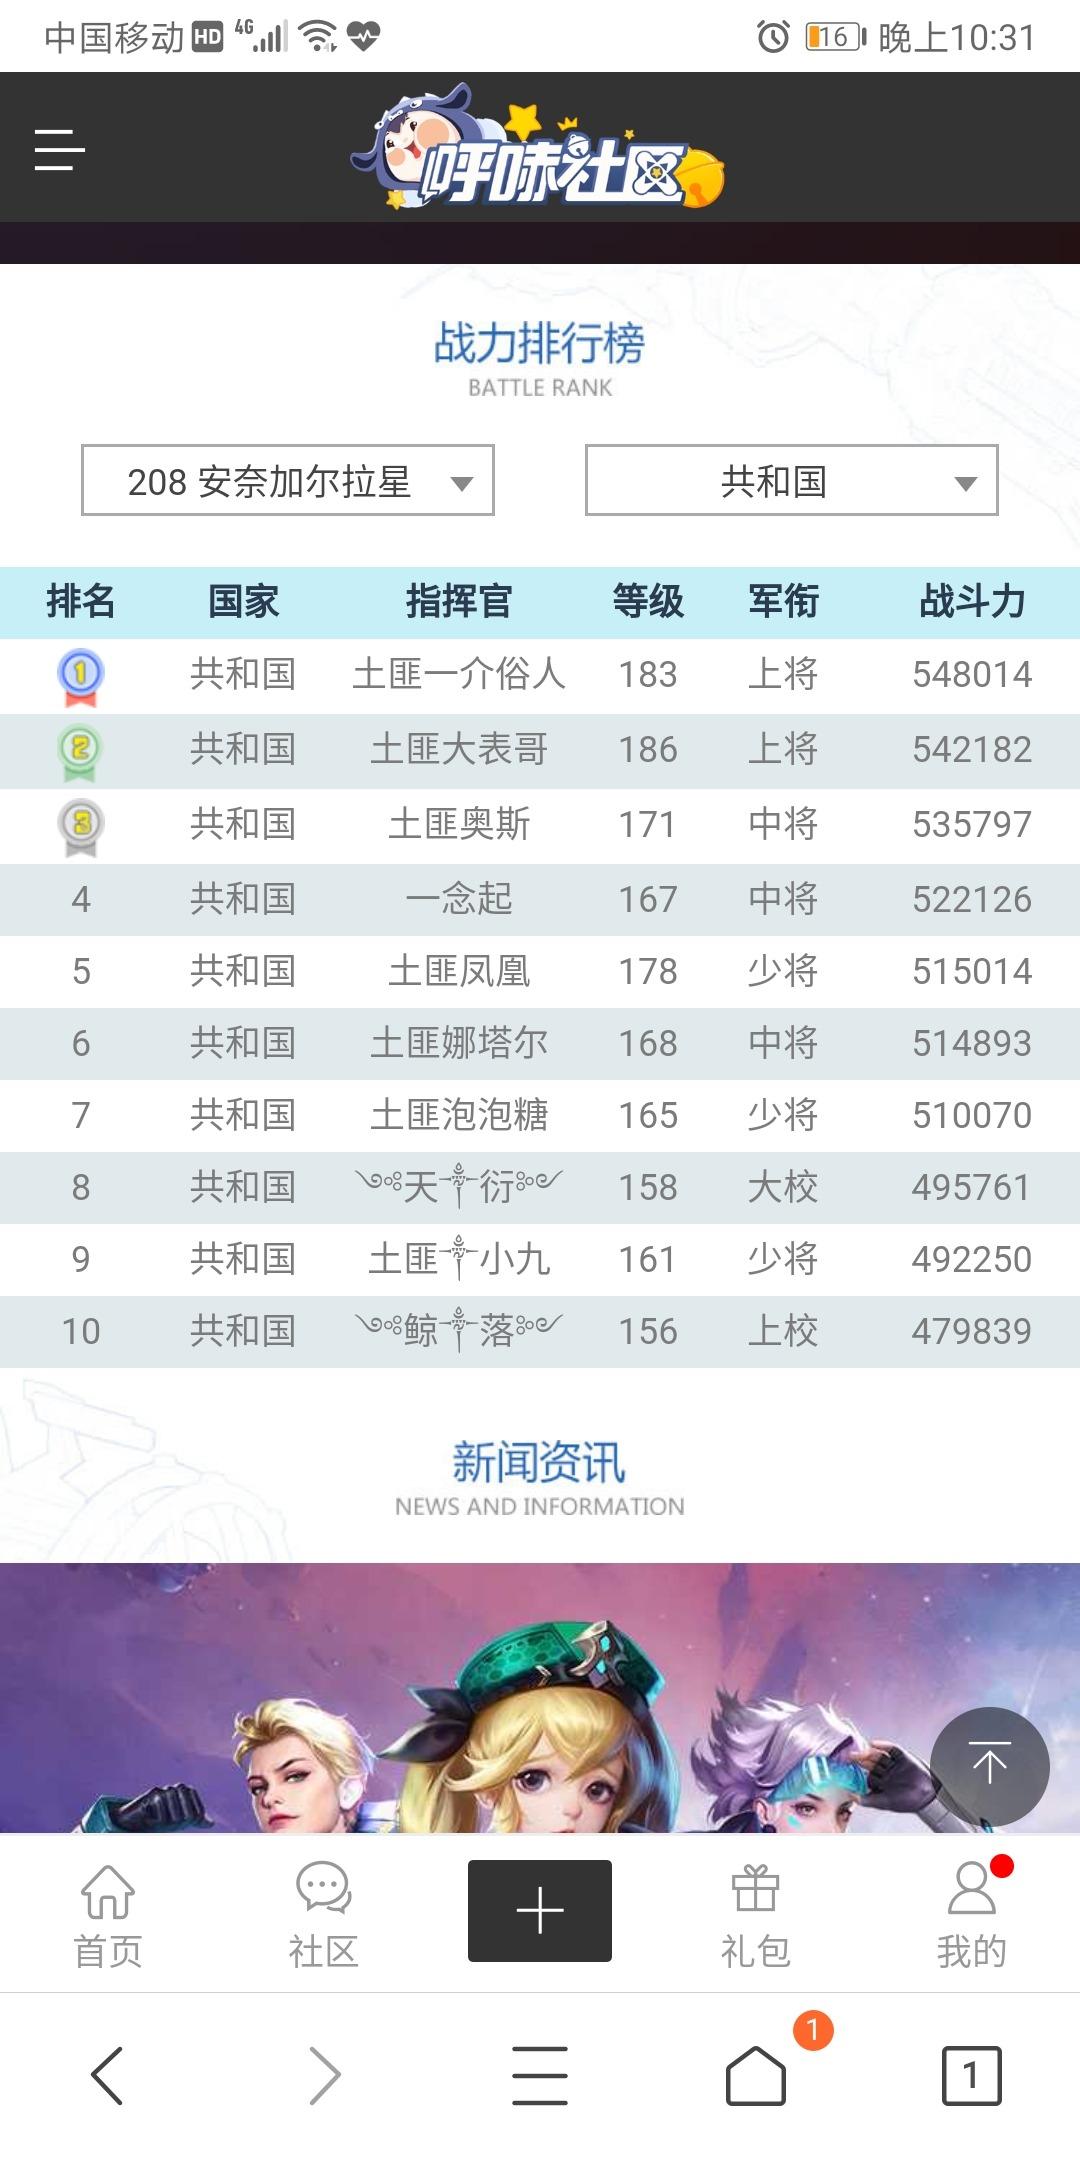 Screenshot_20210610_223136_com.tencent.mtt.jpg